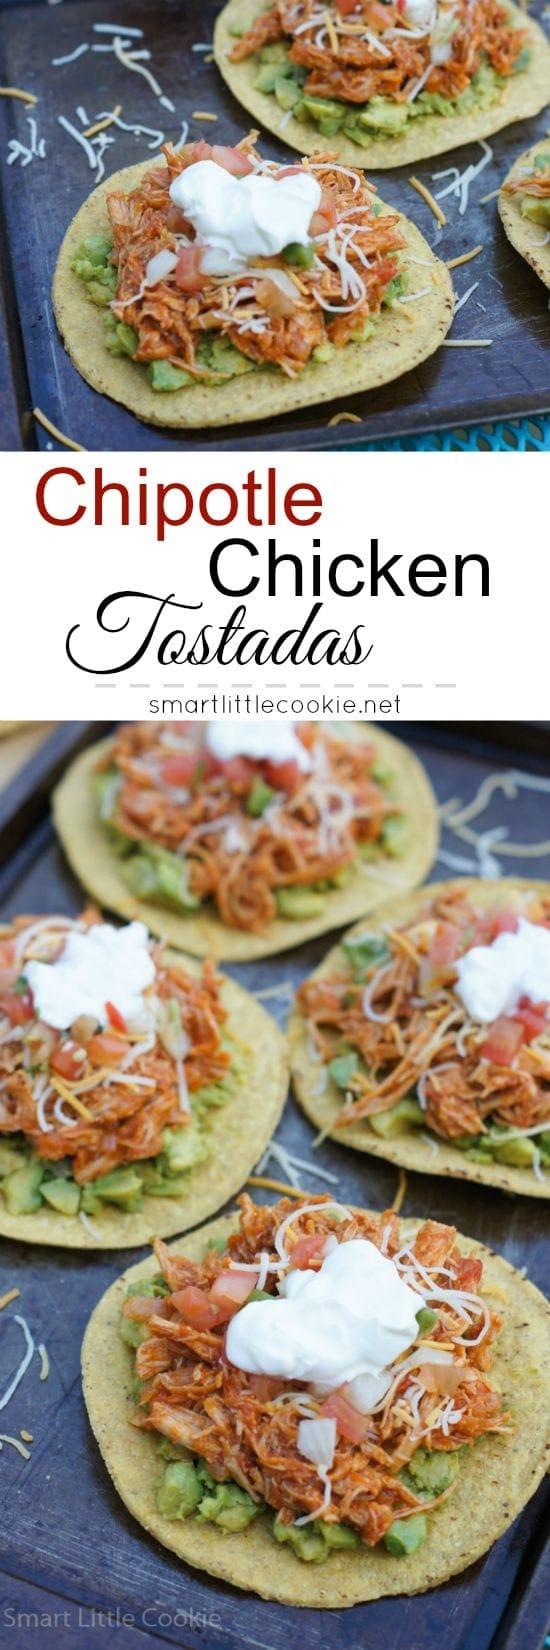 Chipotle Chicken Tostadas   mydominicankitchen.com